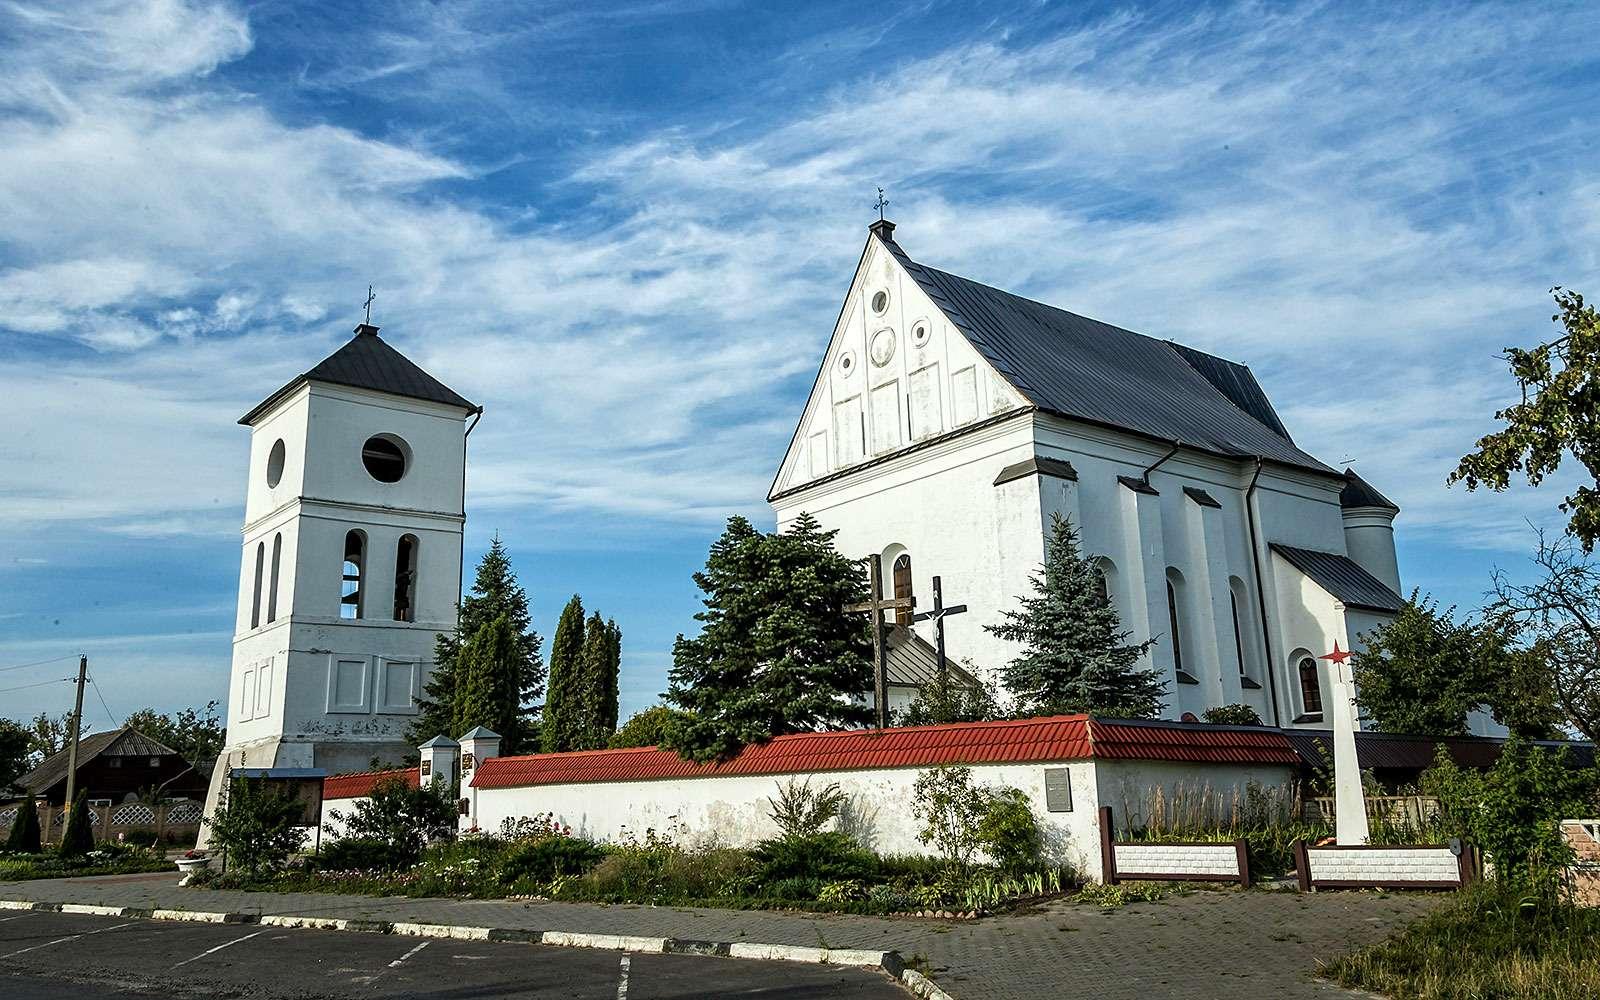 Путешествие вБелоруссию: дворцы, колхозы и…казино— фото 776116